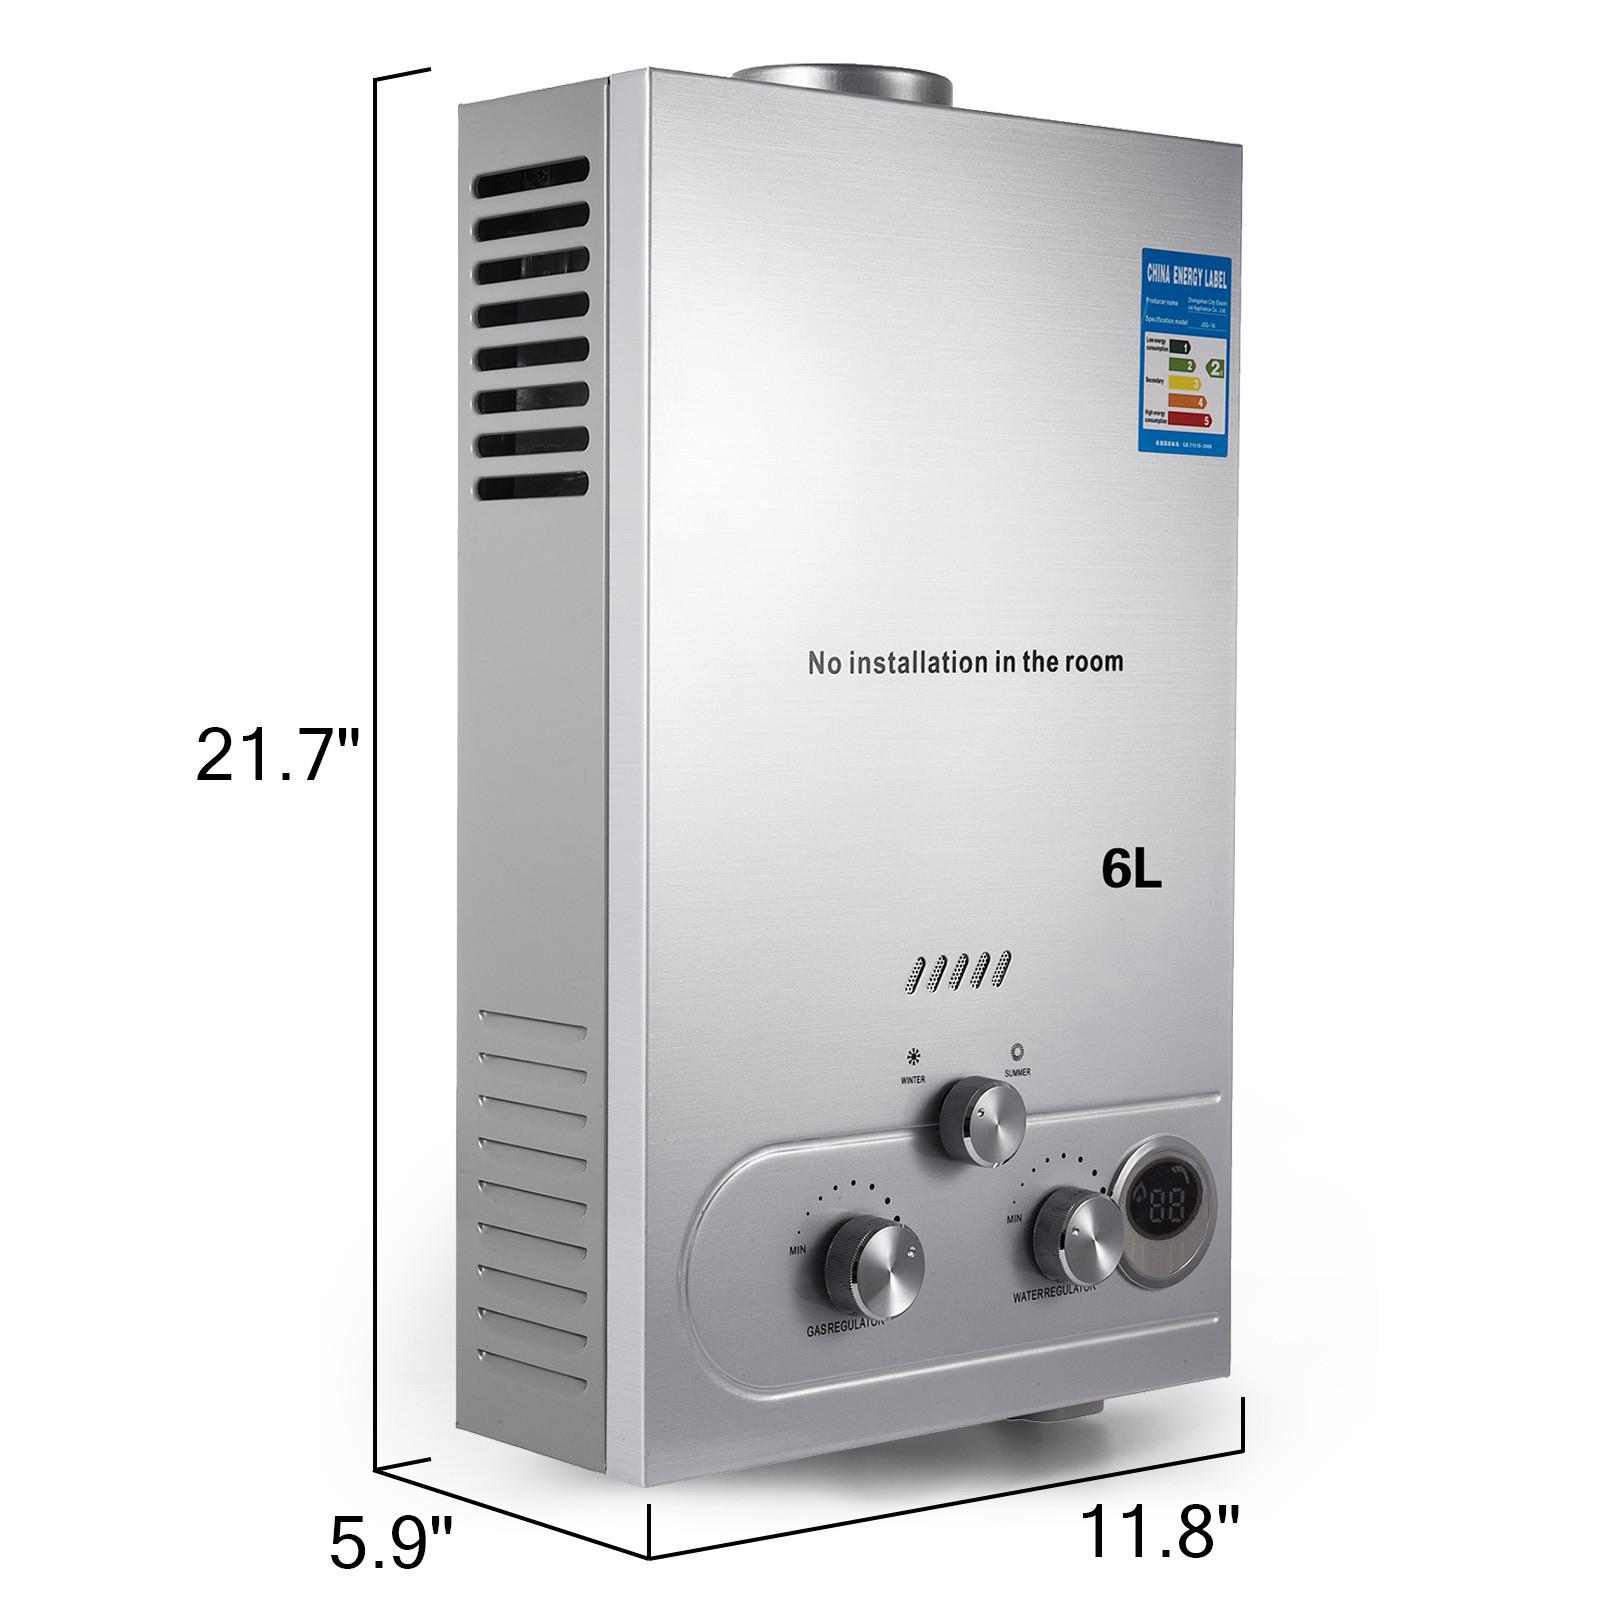 Propangas-Gas-Durchlauferhitzer-Warmwasserbereiter-Boiler-Warmwasserspeicher Indexbild 26